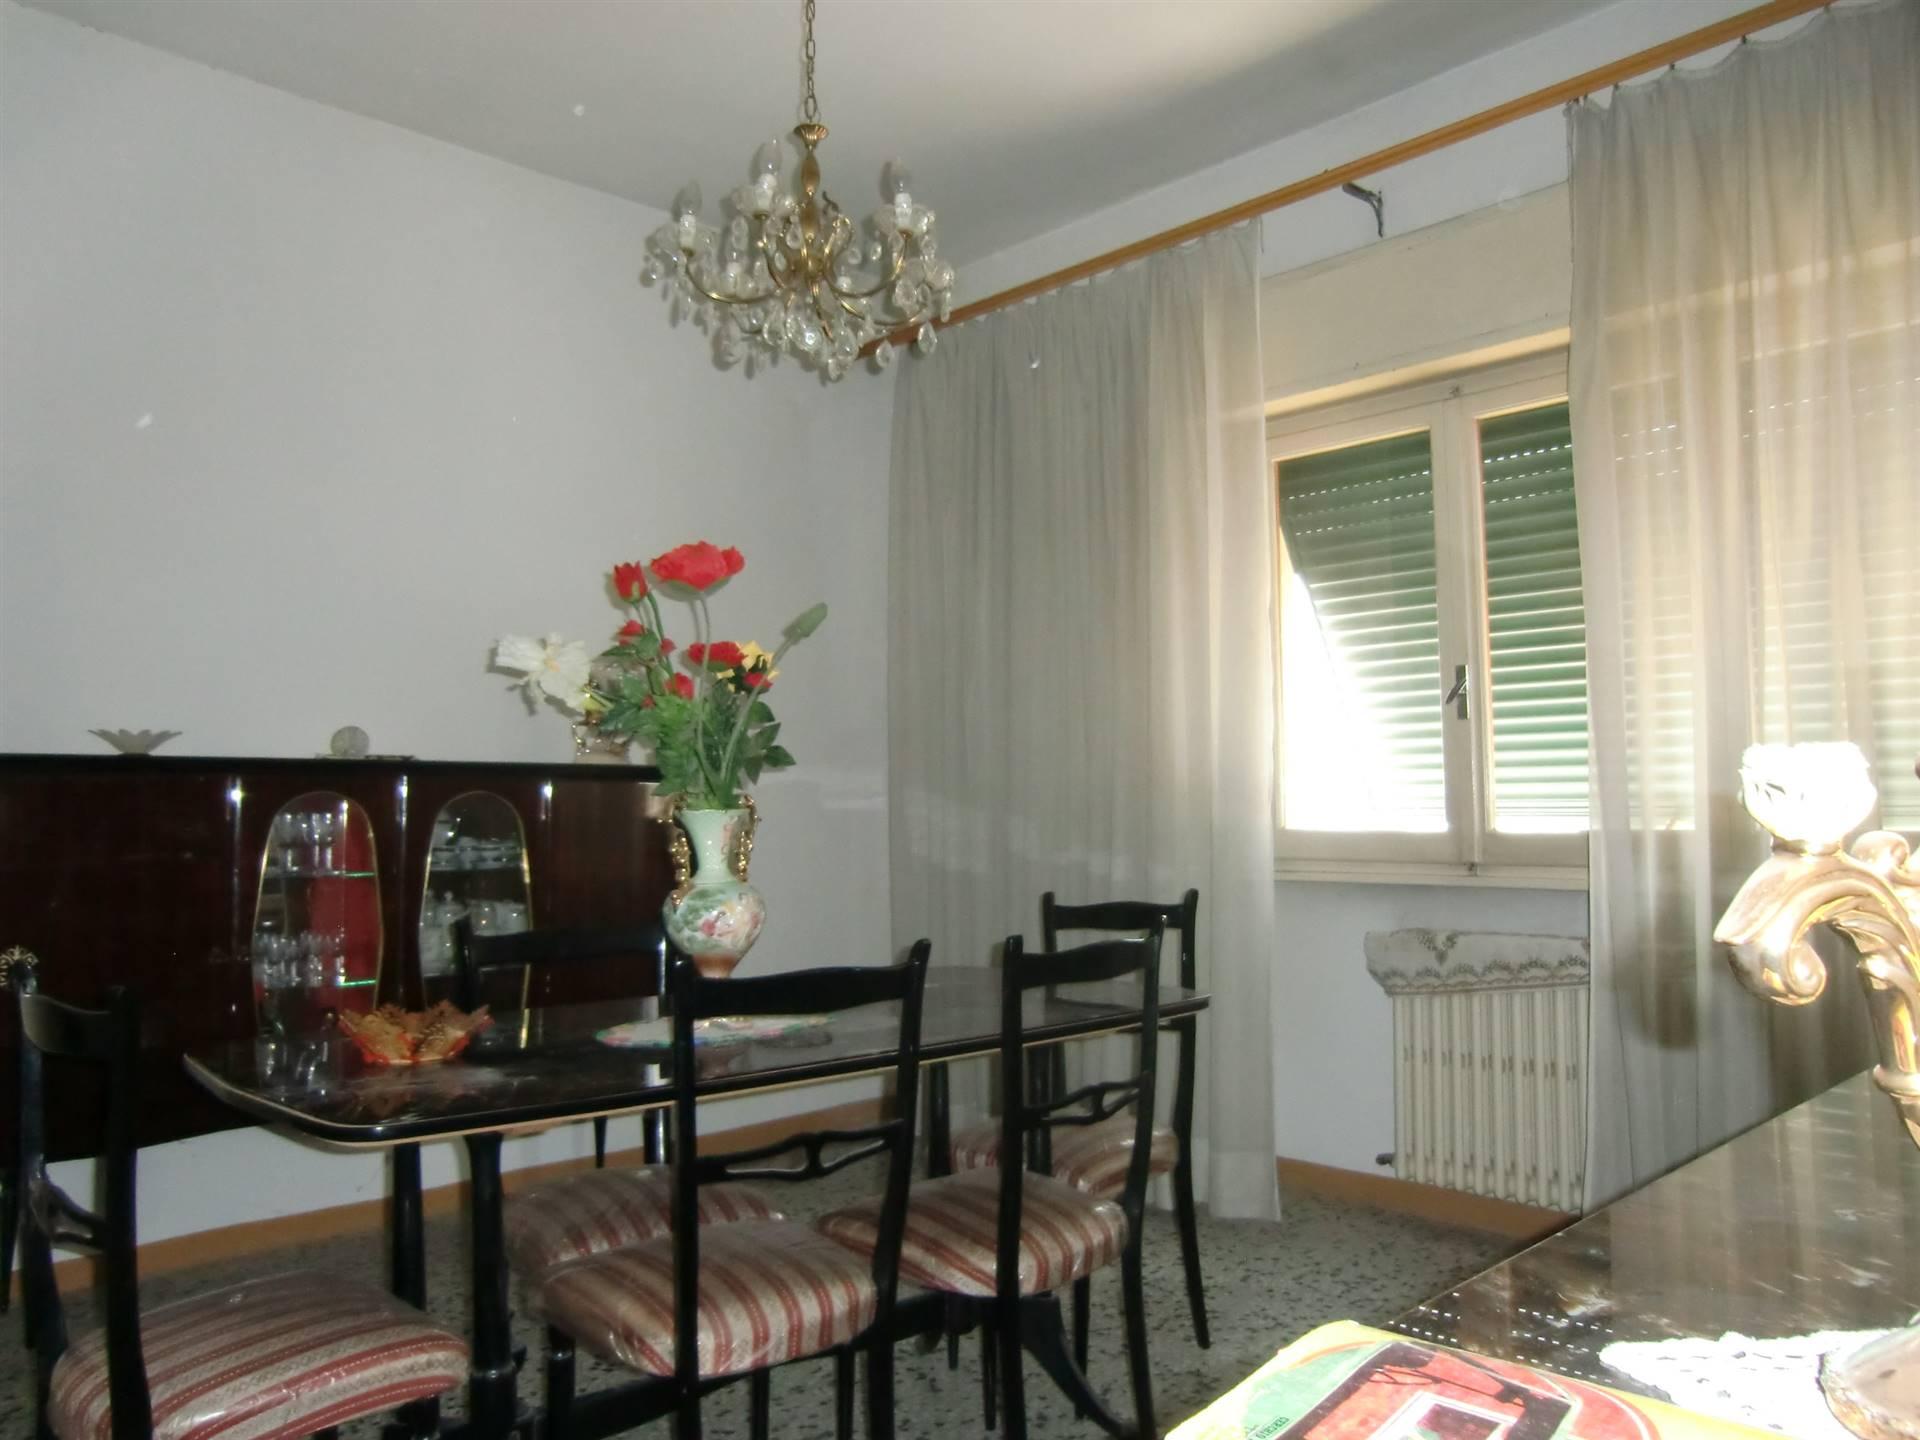 Soluzione Indipendente in vendita a Castelfranco Piandiscò, 5 locali, zona Località: FAELLA, prezzo € 265.000 | CambioCasa.it